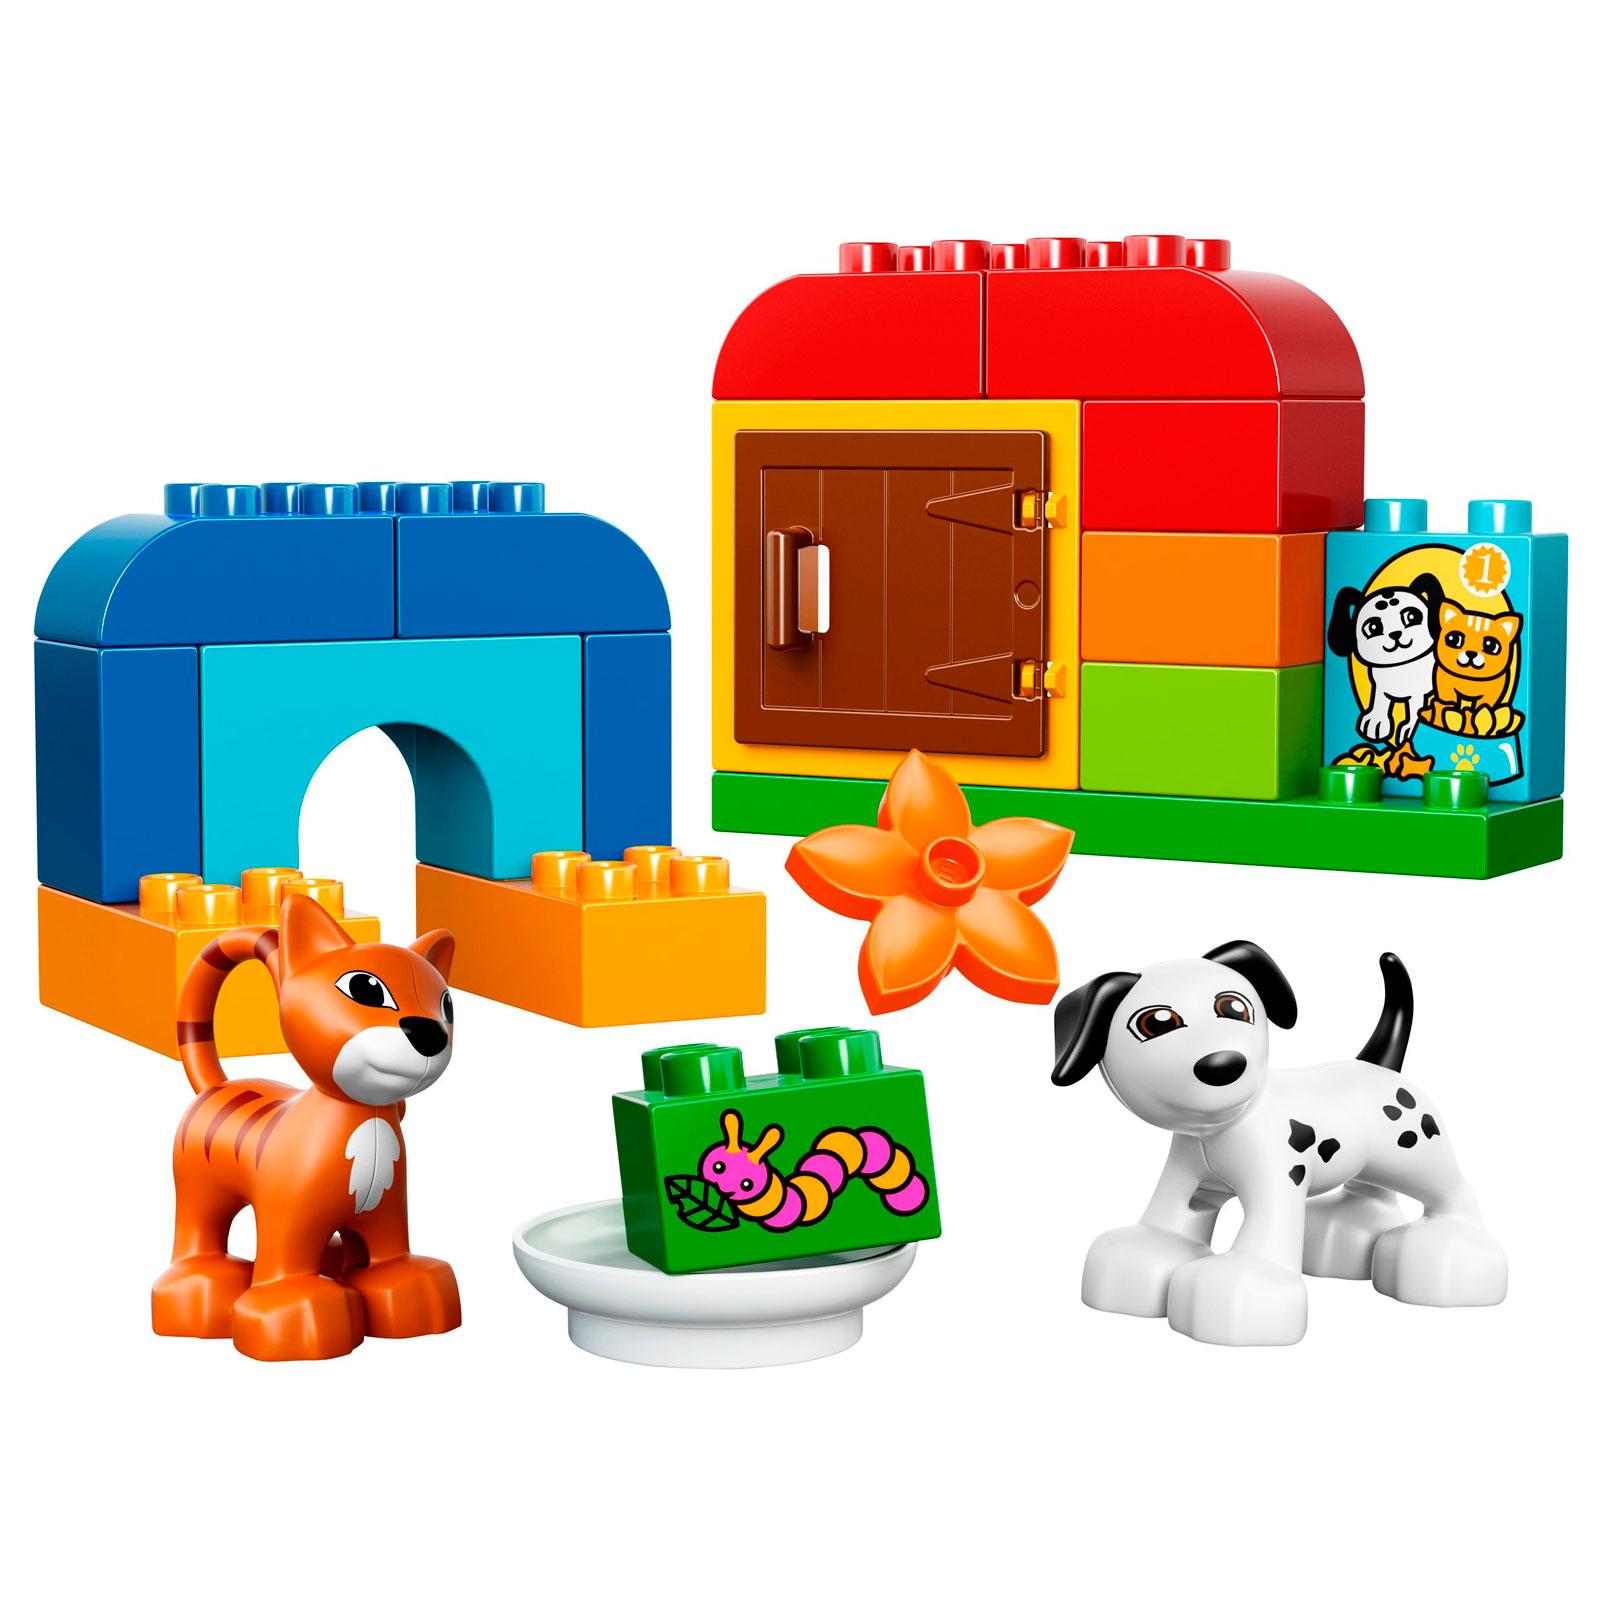 Конструктор LEGO Duplo 10570 Лучшие друзья: кот и пёс<br>